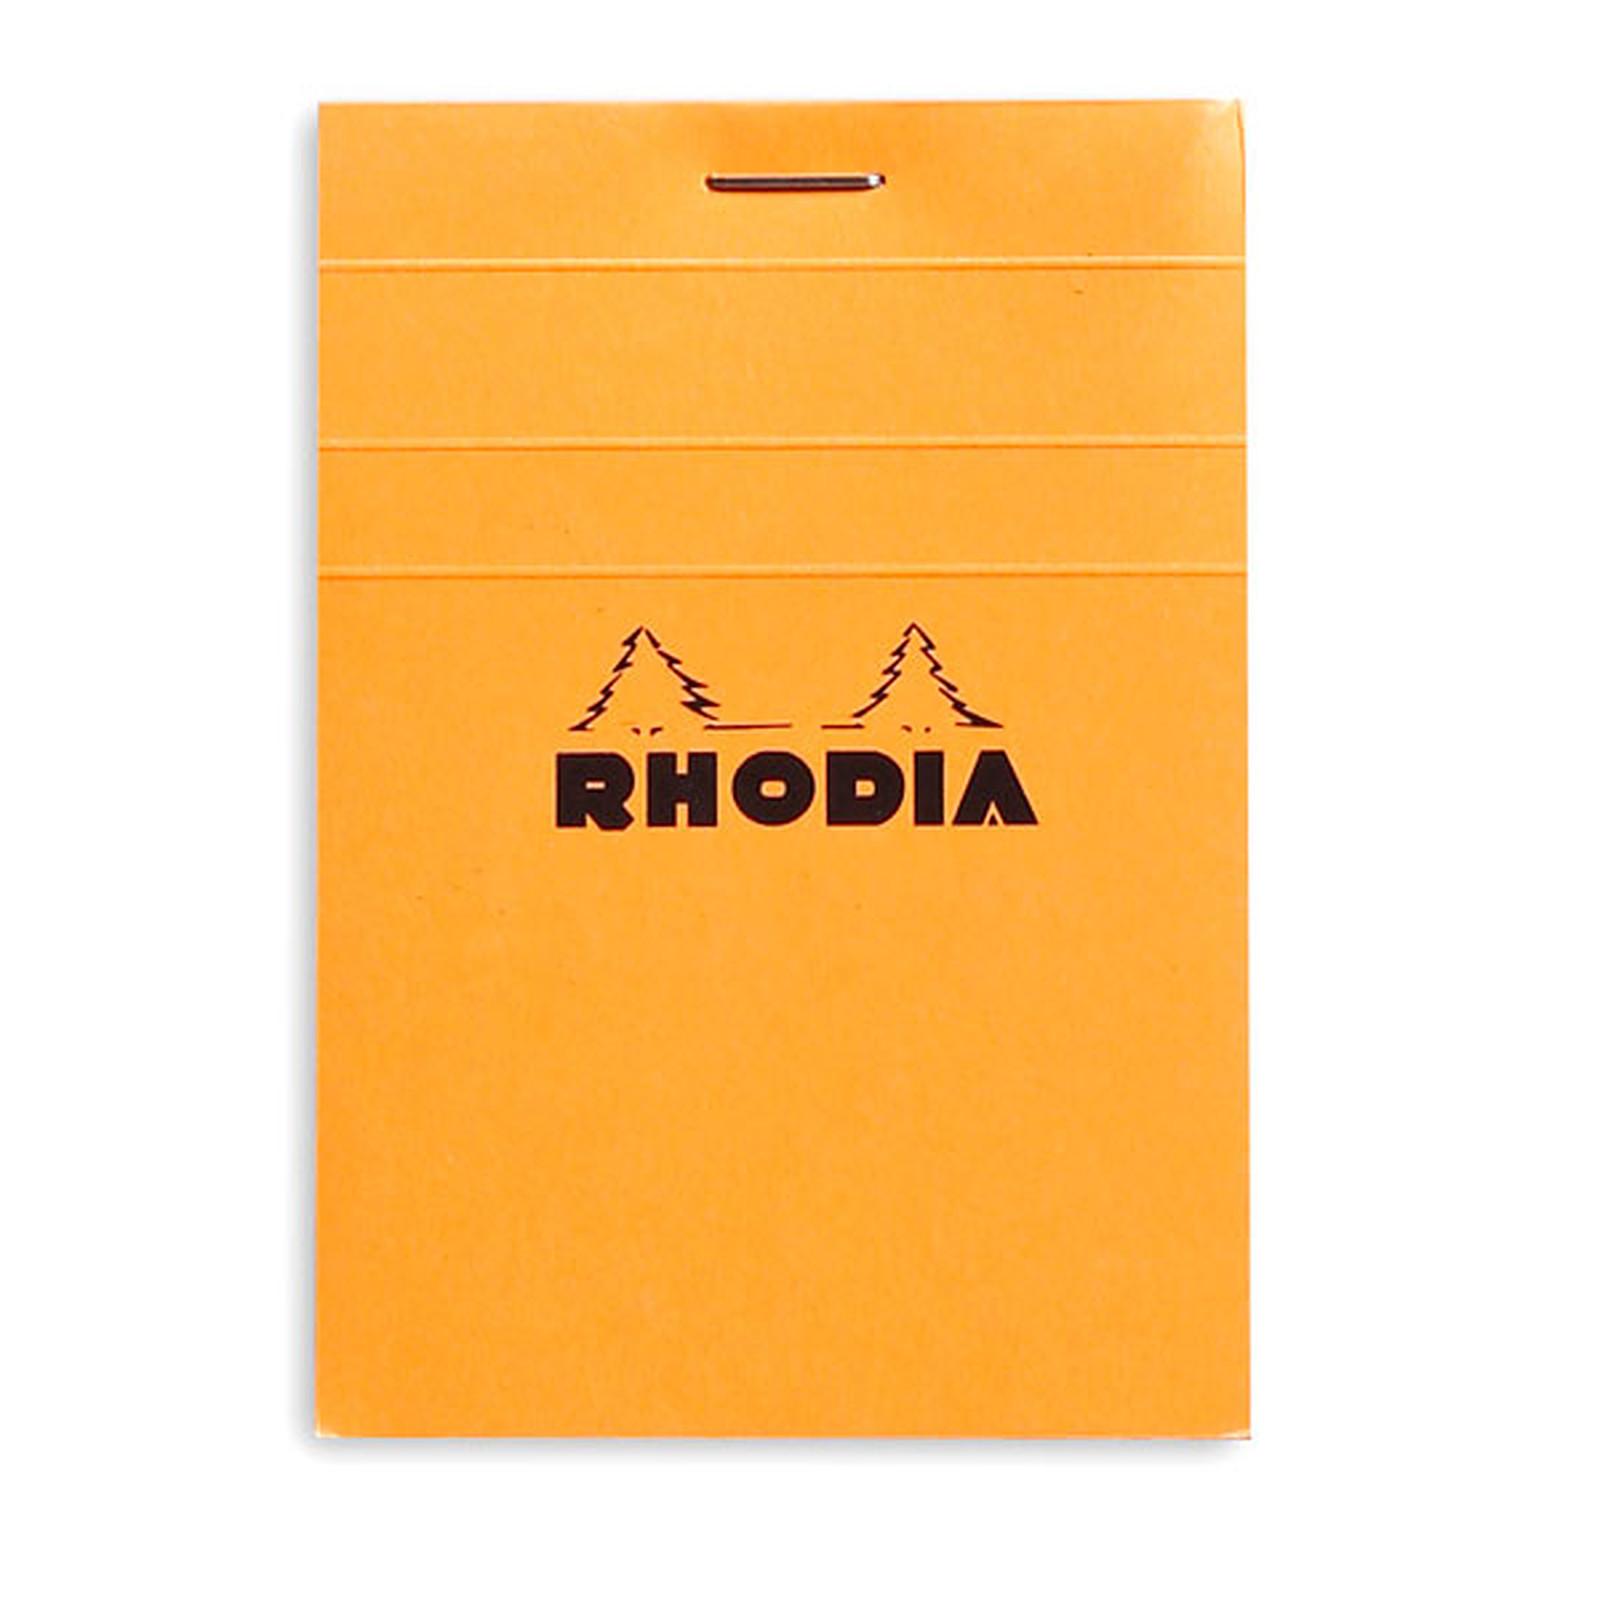 Rhodia Bloc N°11 Orange agrafé en-tête 7.4 x 10.5 cm petits carreaux 5 x 5 mm 80 pages